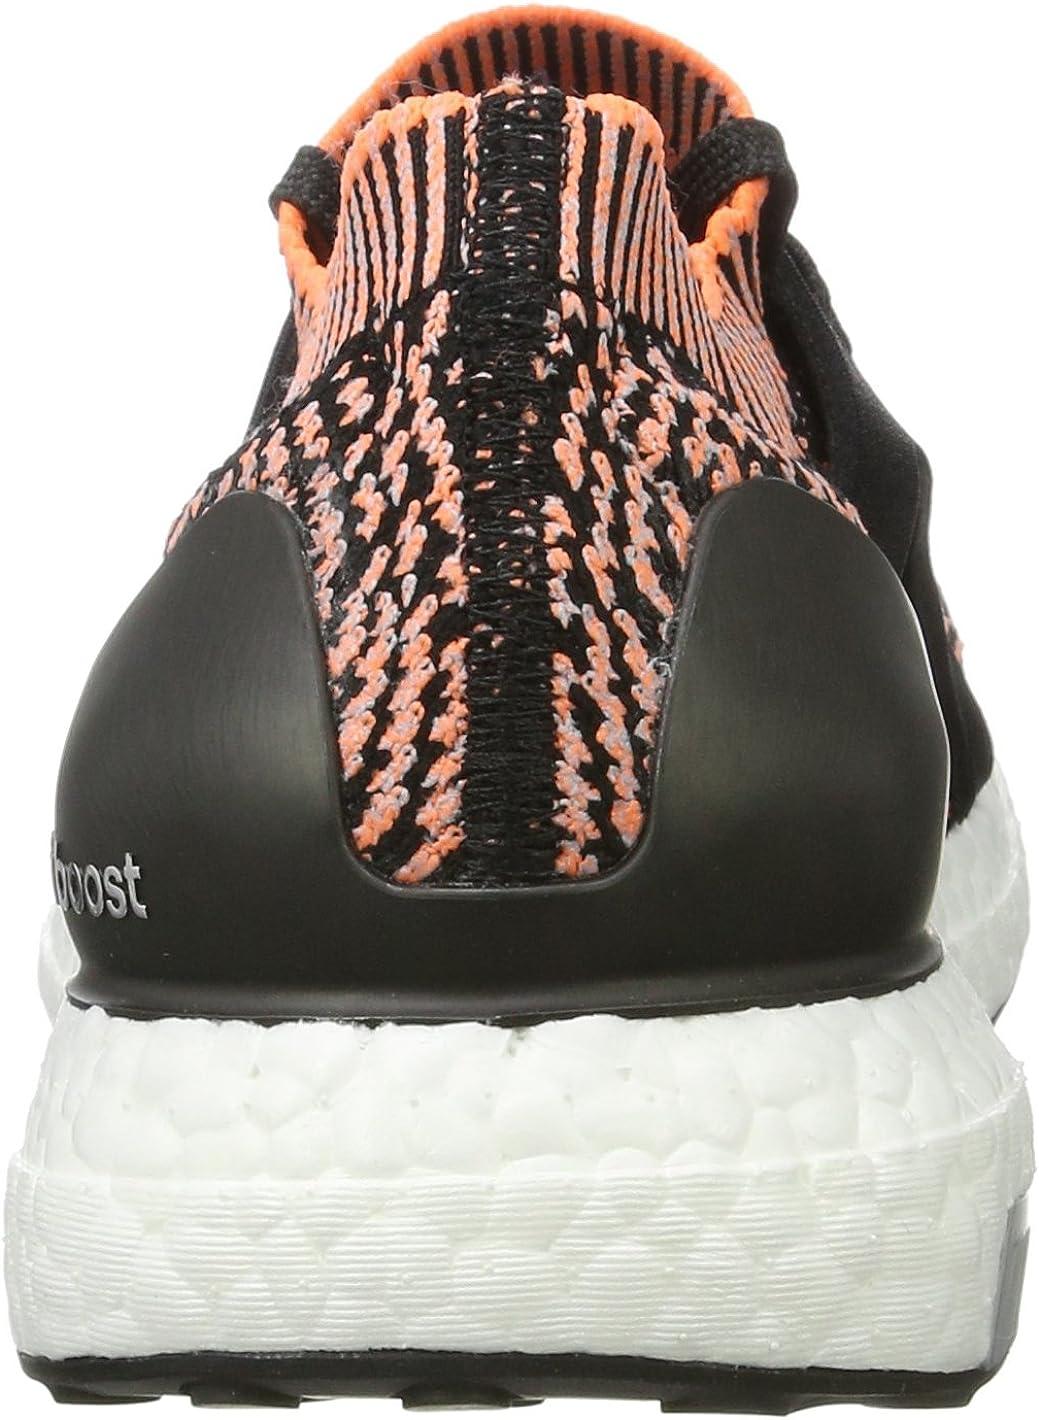 adidas Ultraboost X, Chaussures de Course Femme Noir Negbas Azusen Narbri